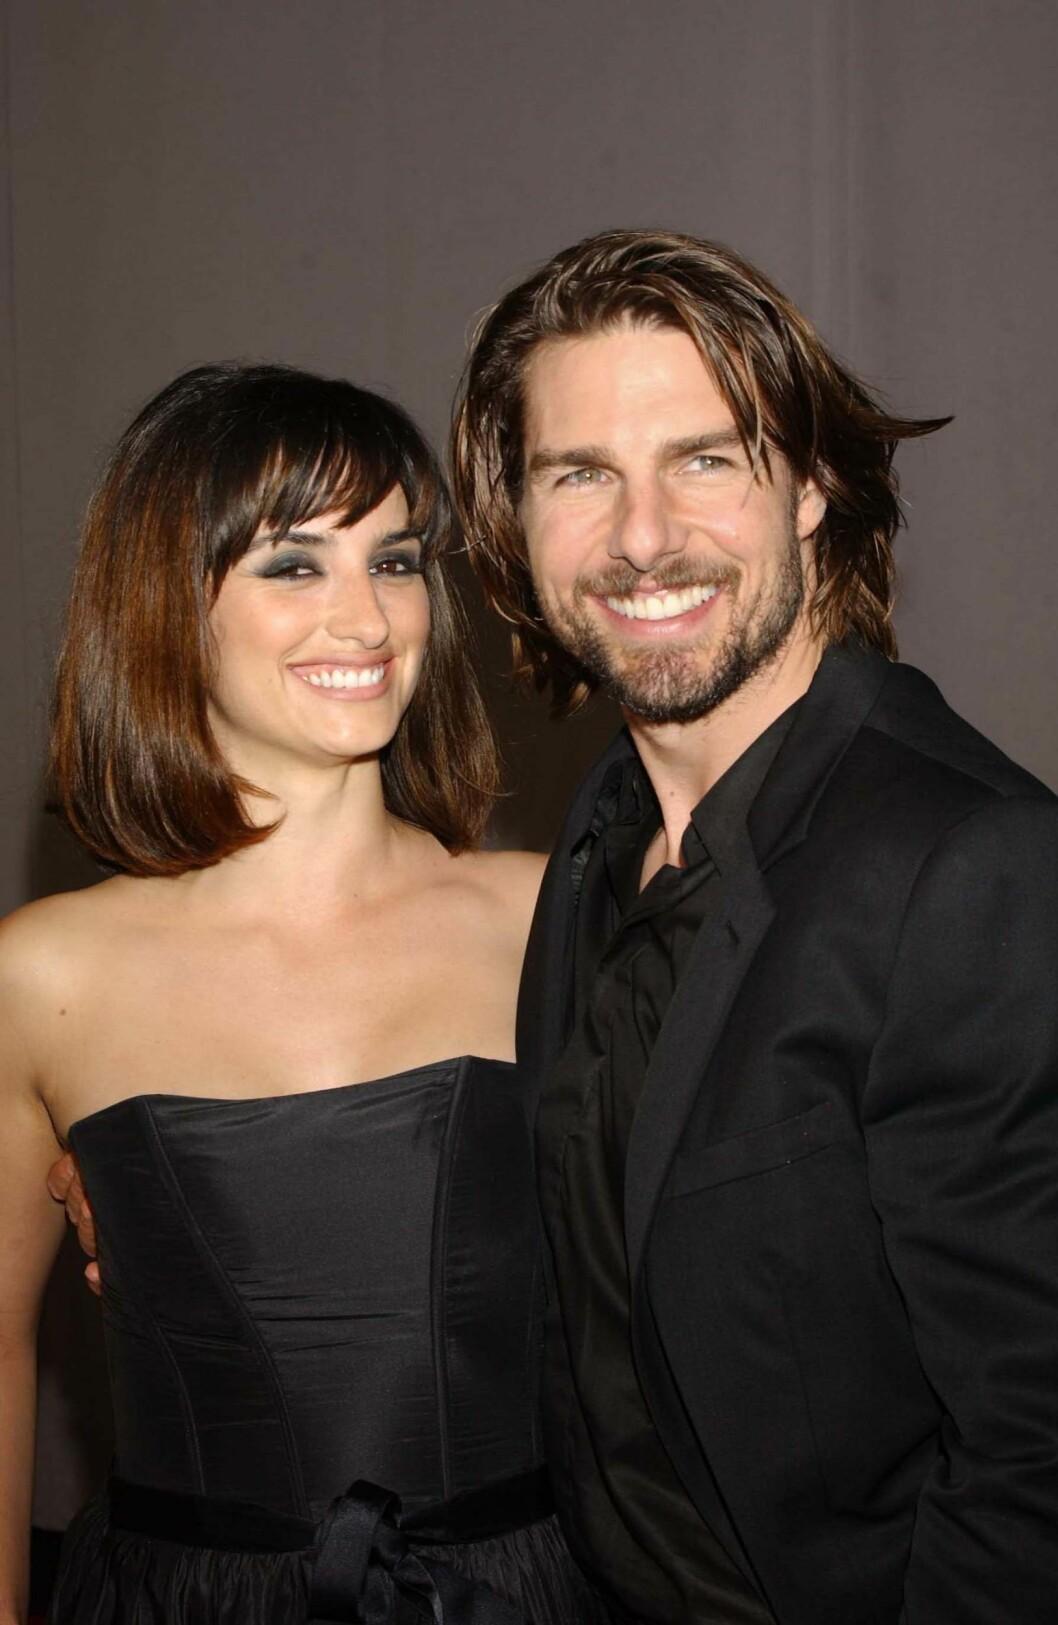 SAMMEN I TRE ÅR: Forholdet skal ha tatt slutt da Penelope Cruz ikke ville gi opp sin buddhistiske tro i fordel for Tom Cruises scientologikirke. Foto: SipaUSA